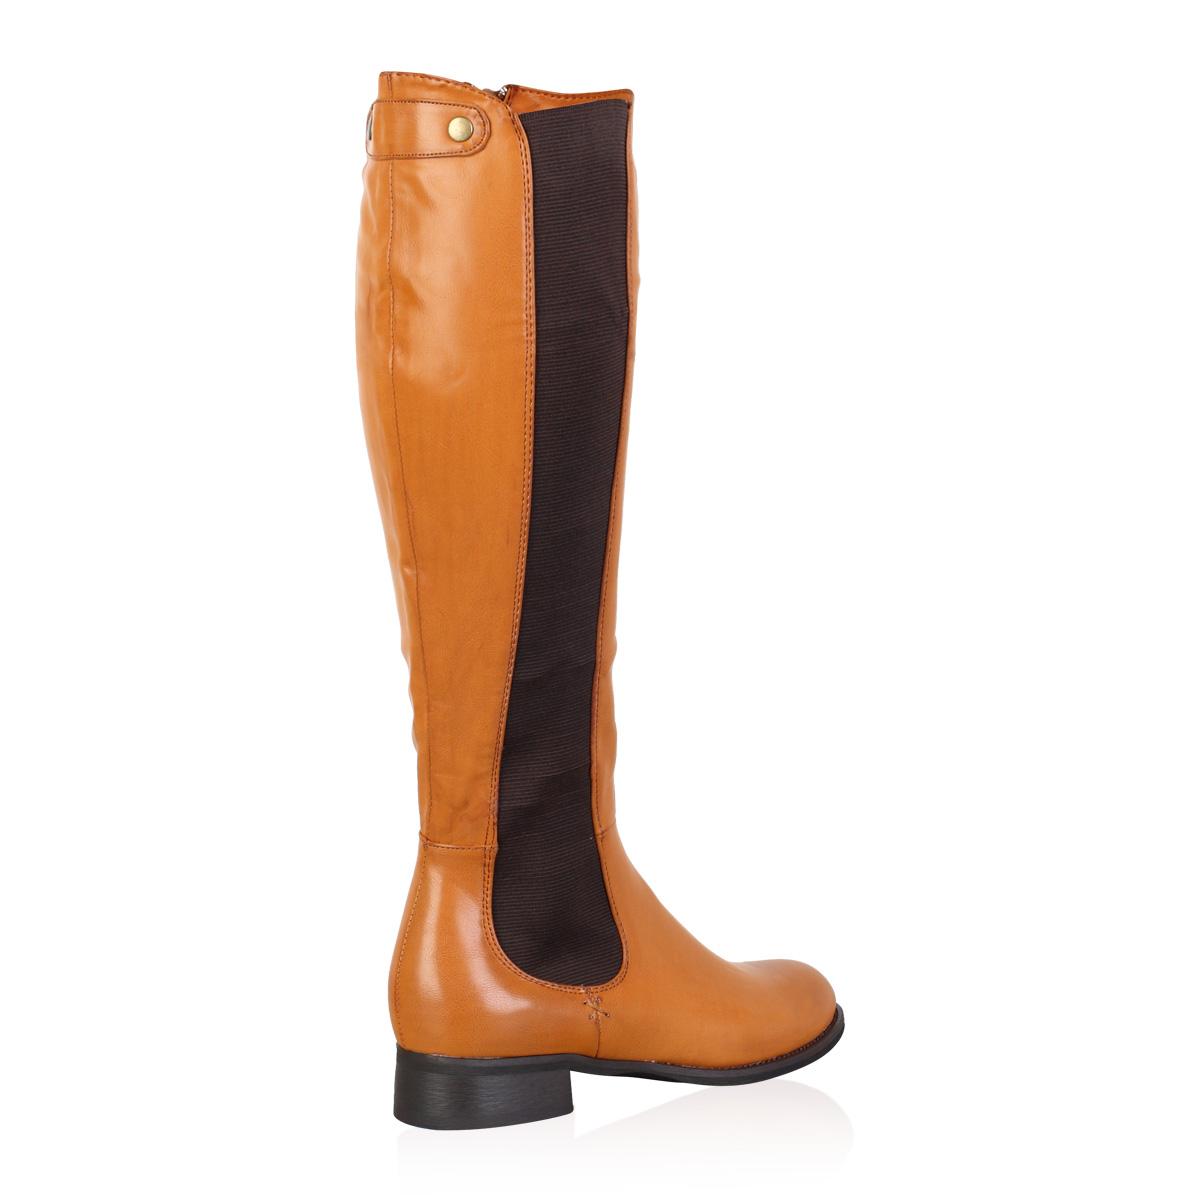 new zip up winter womens low heel knee high